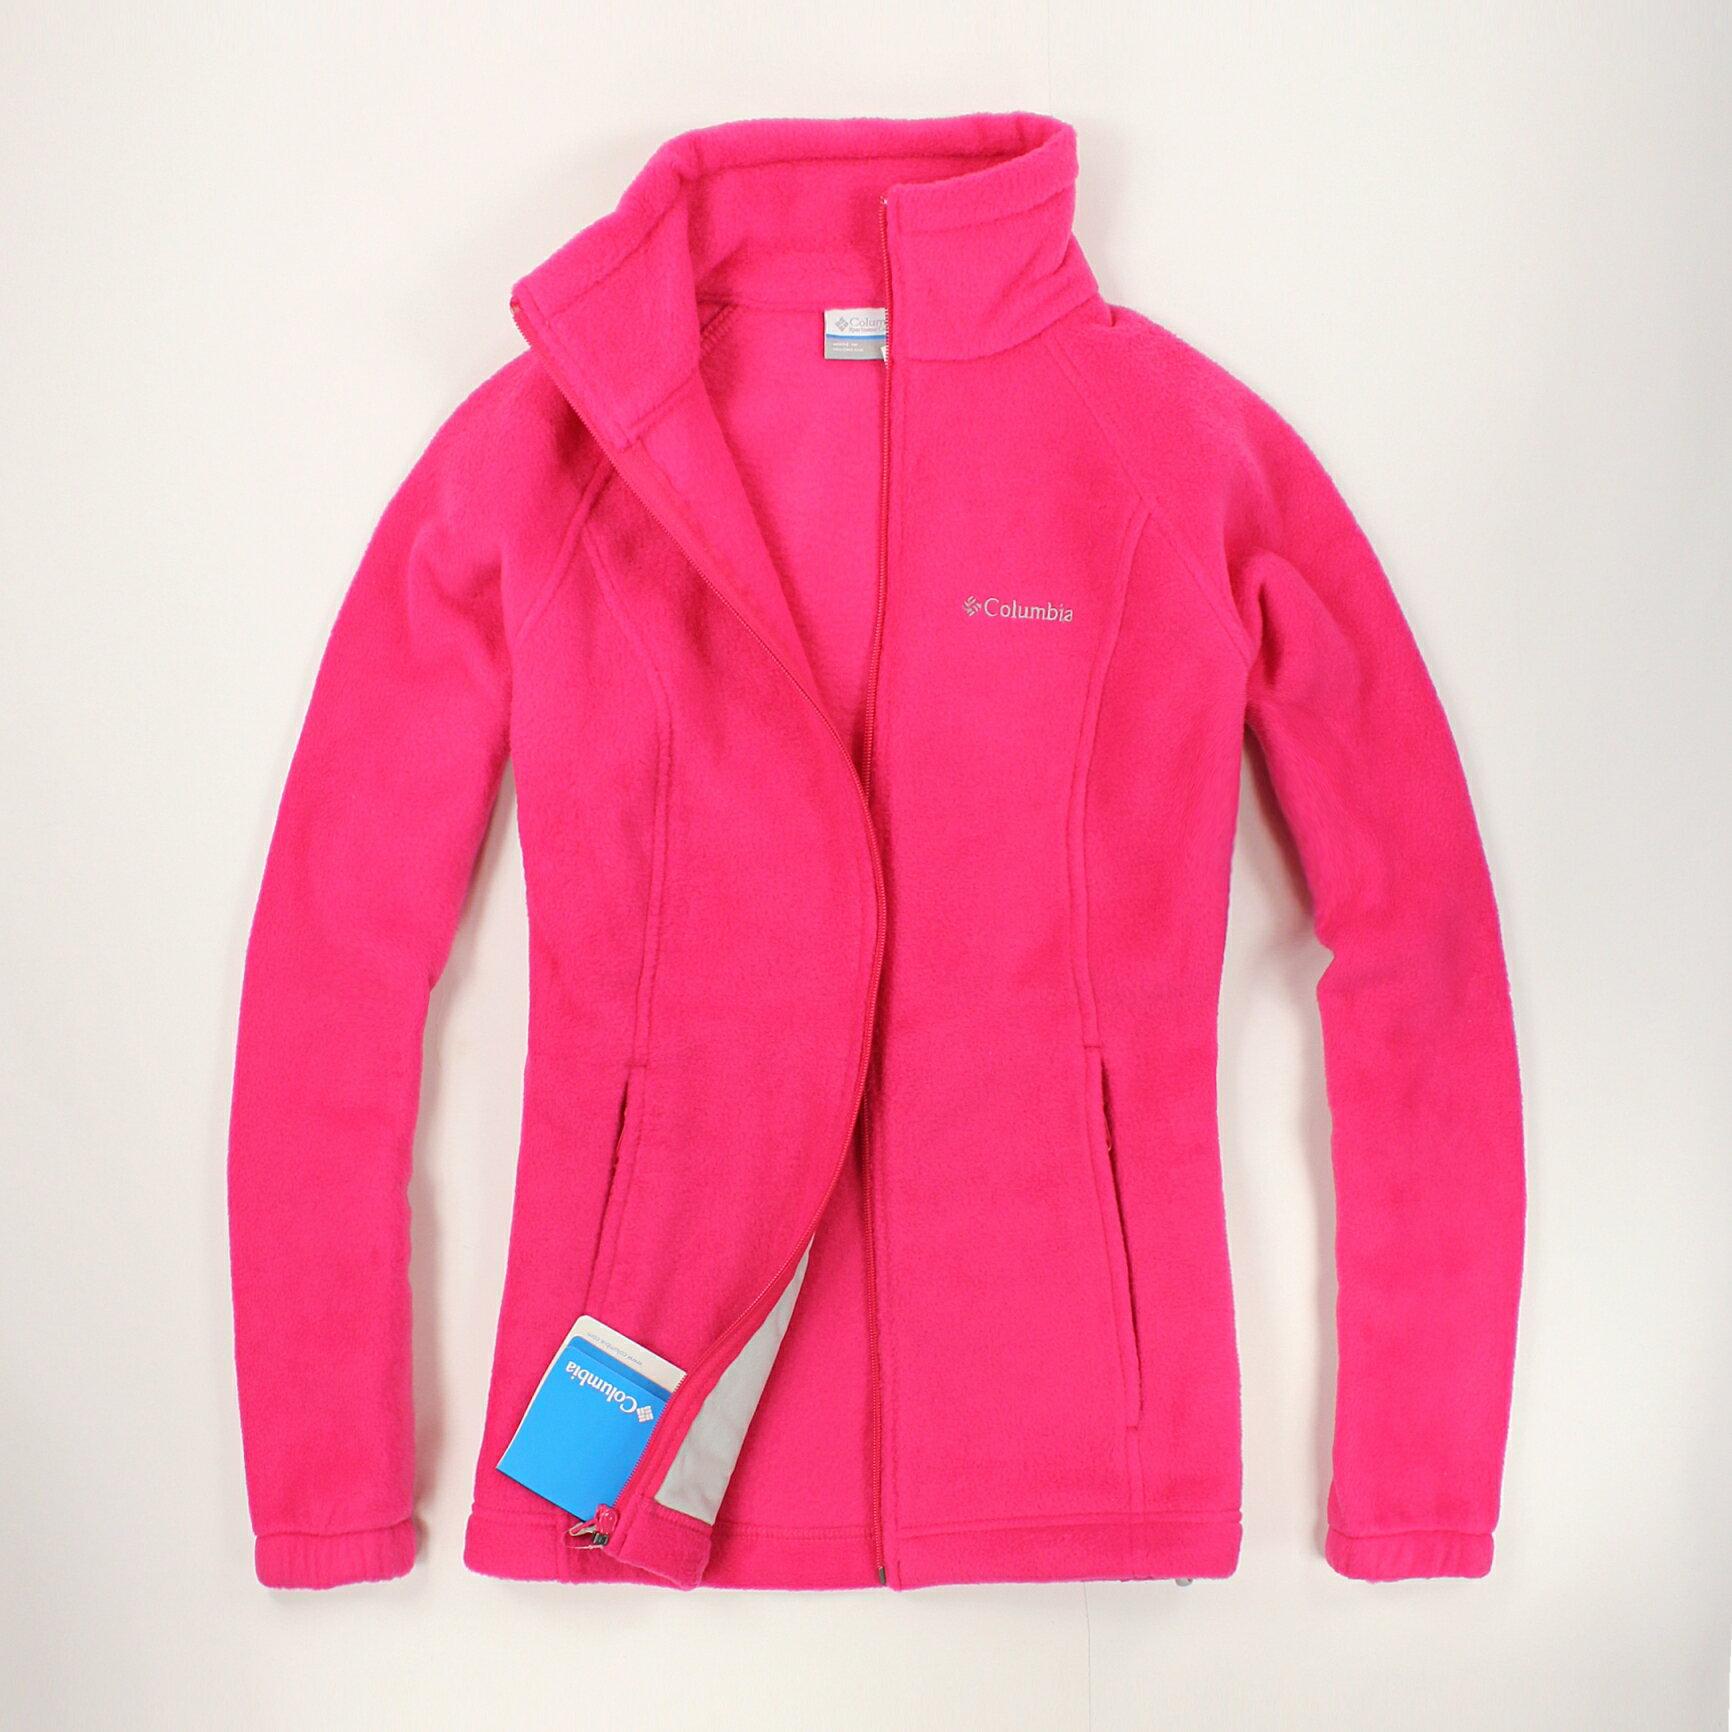 美國百分百【全新真品】Columbia 外套 刷毛外套 輕巧 fleece 保暖 哥倫比亞 桃紅 女 S M號 B534